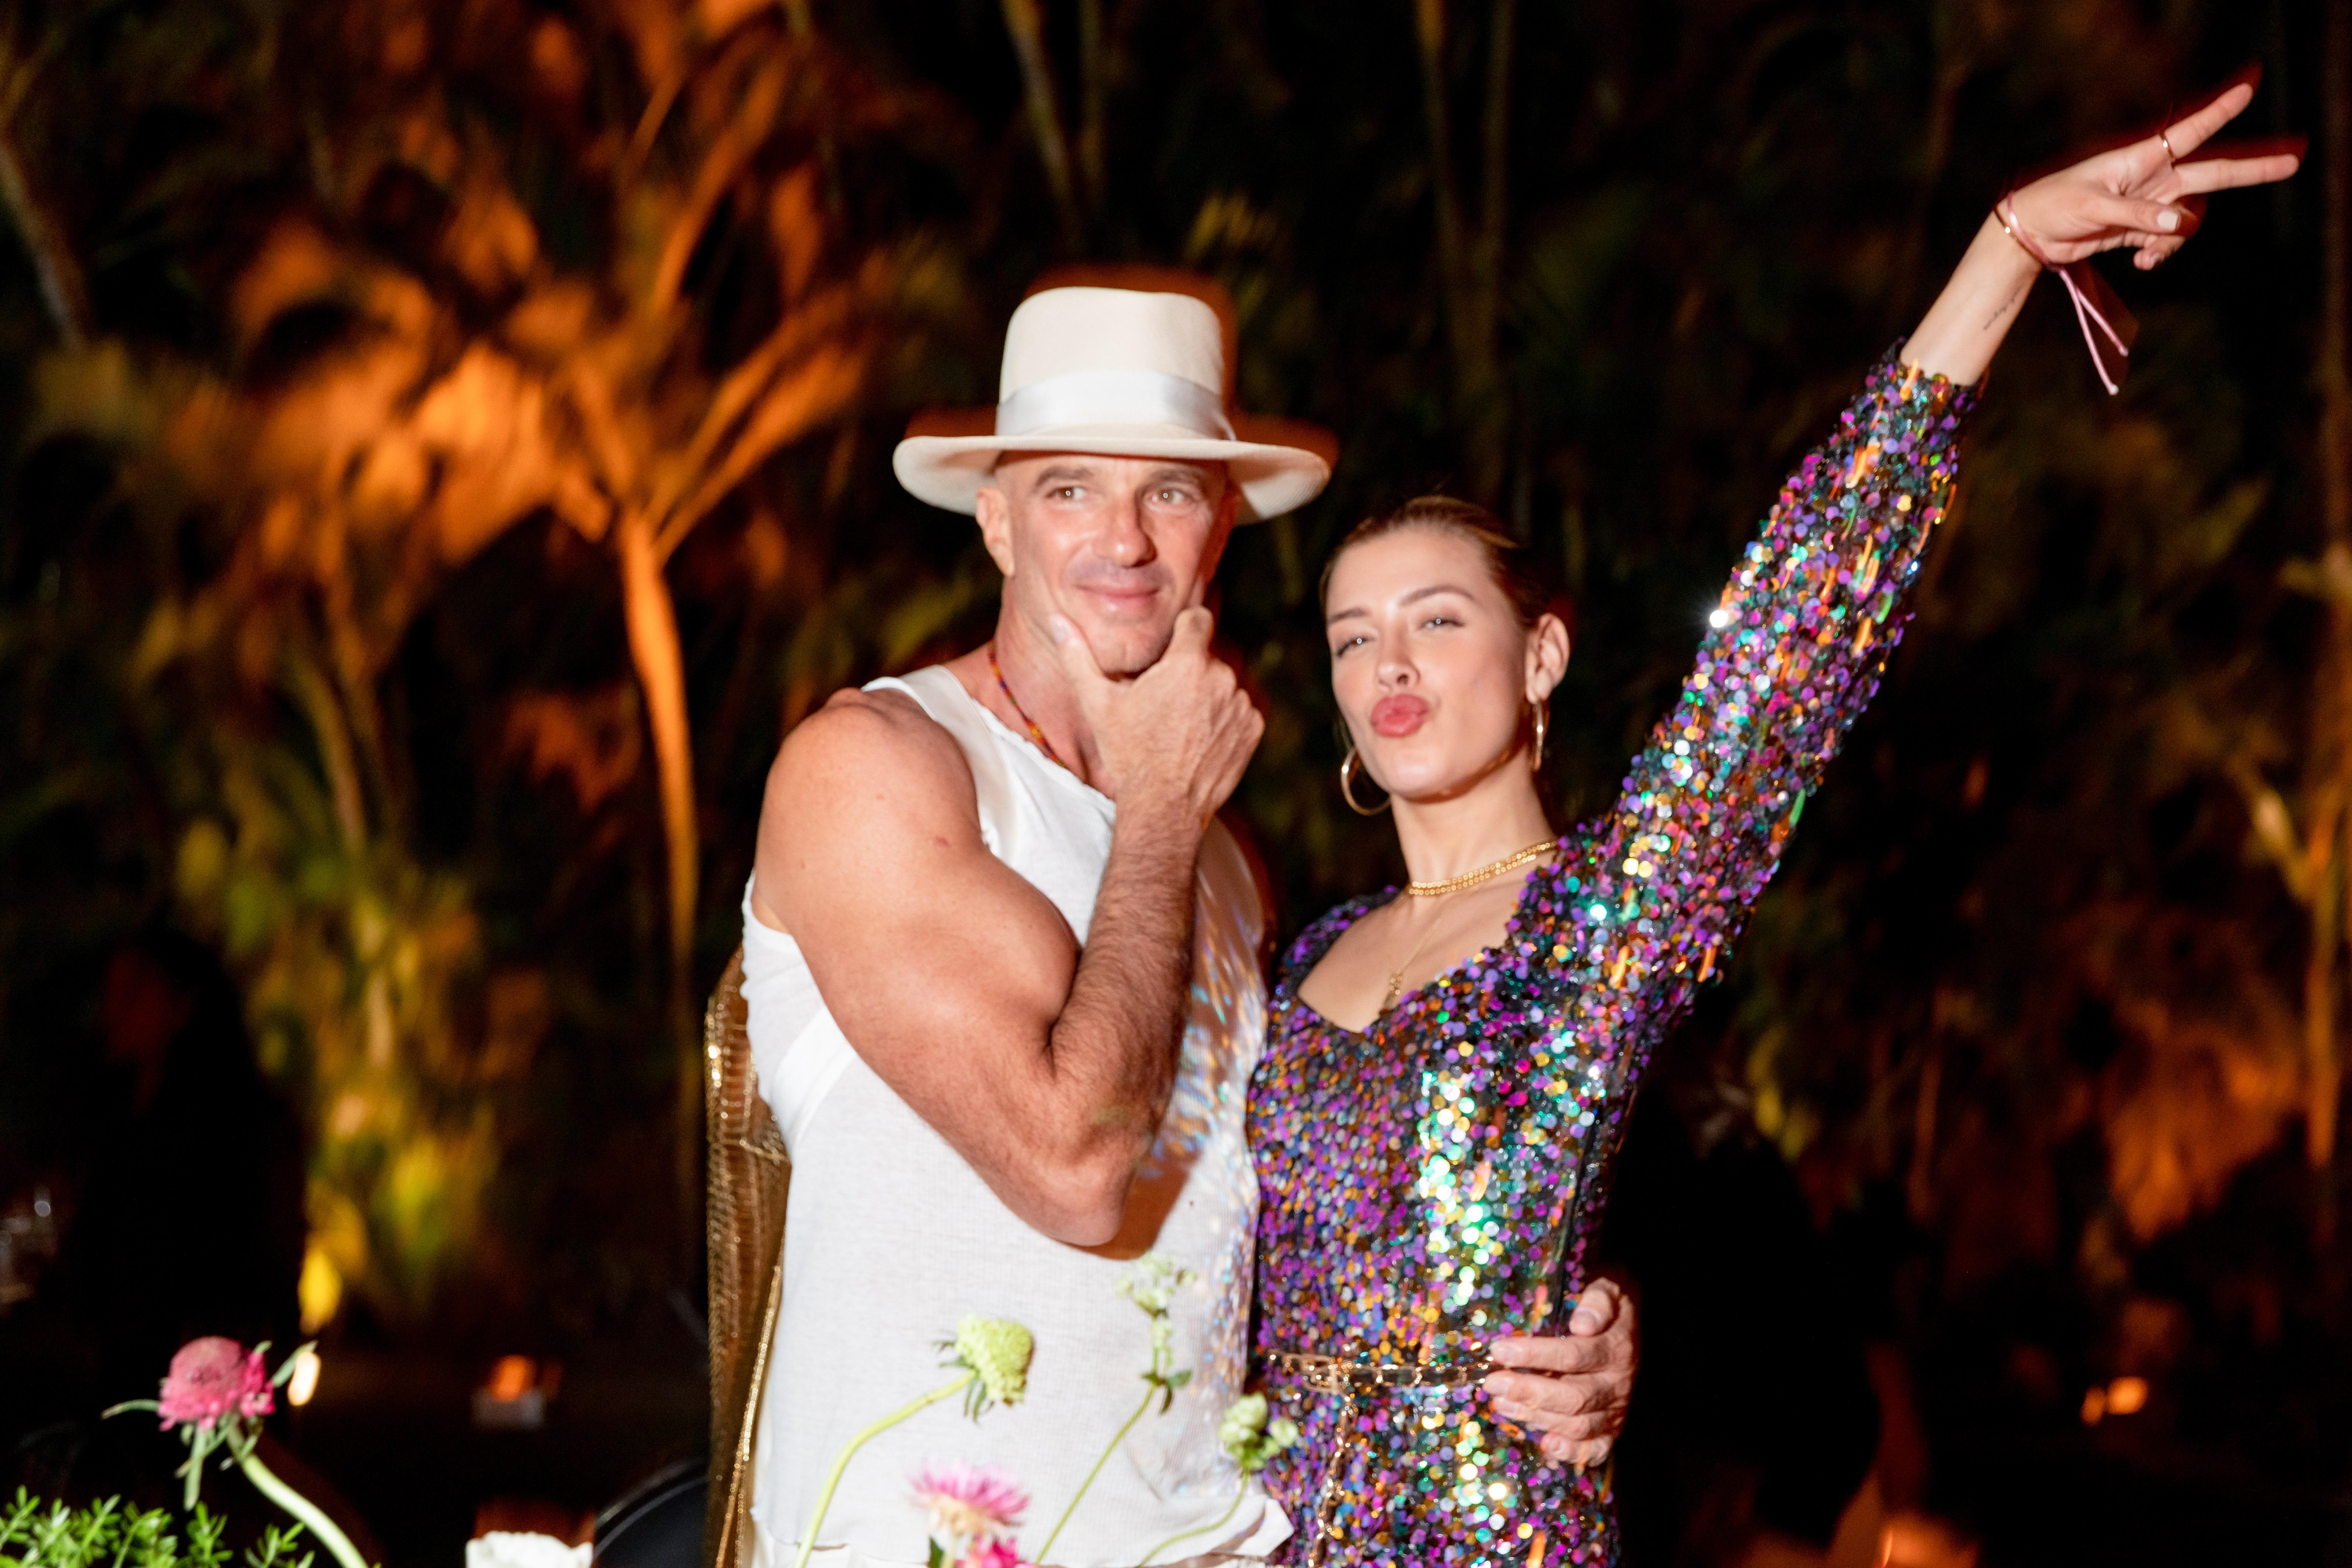 Alan Faena y Michelle Salas volvieron a encontrarse en Miami, luego de haber estado juntos en Nueva York